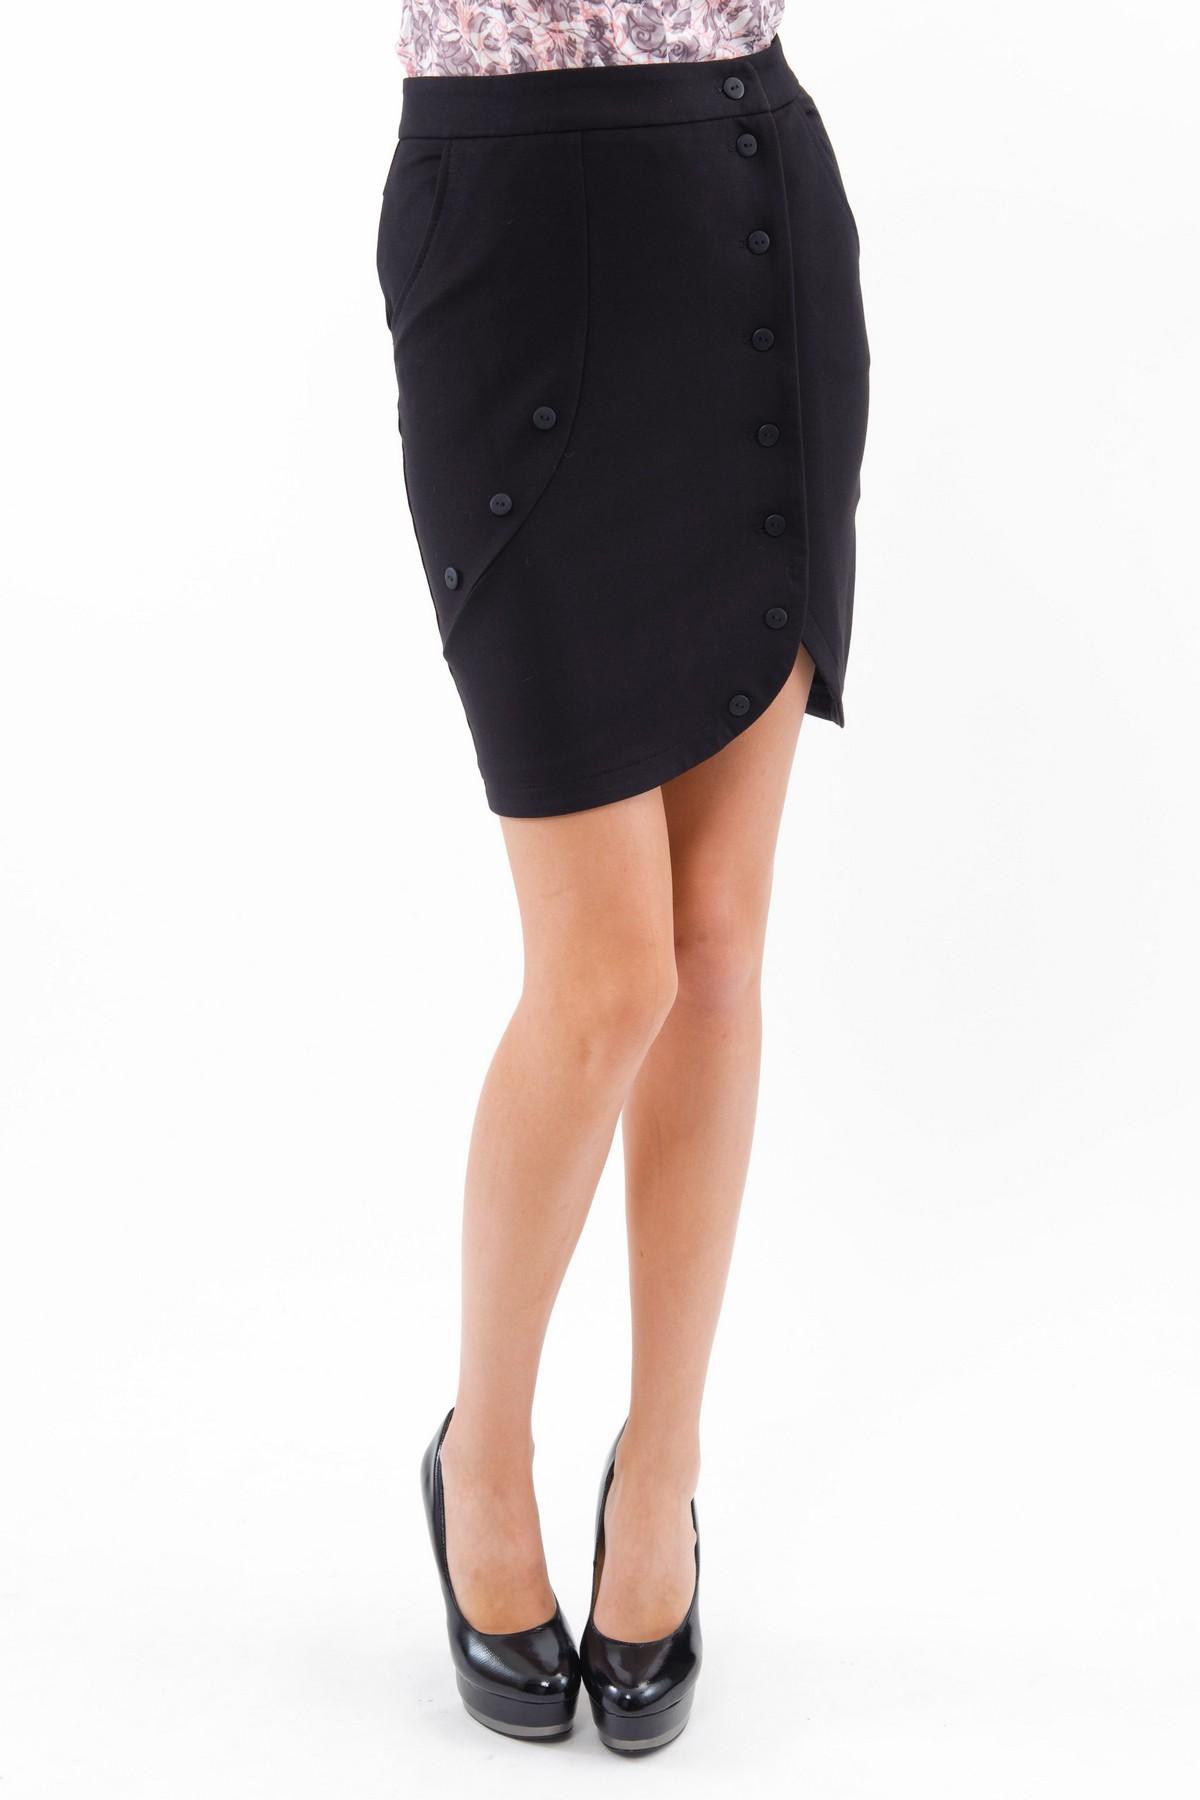 ЮбкаЖенские юбки и брюки<br>Стильная дизайнерская трикотажная юбка. Изделие привнесет в Ваш образ изысканную элегантность. Идеально подойдет как для повседневного, так и для вечернего гардероба.<br><br>Цвет: черный<br>Состав: 75% хлопок, 20% полиэстер, 5% лайкра<br>Размер: 44,46<br>Страна дизайна: Россия<br>Страна производства: Россия